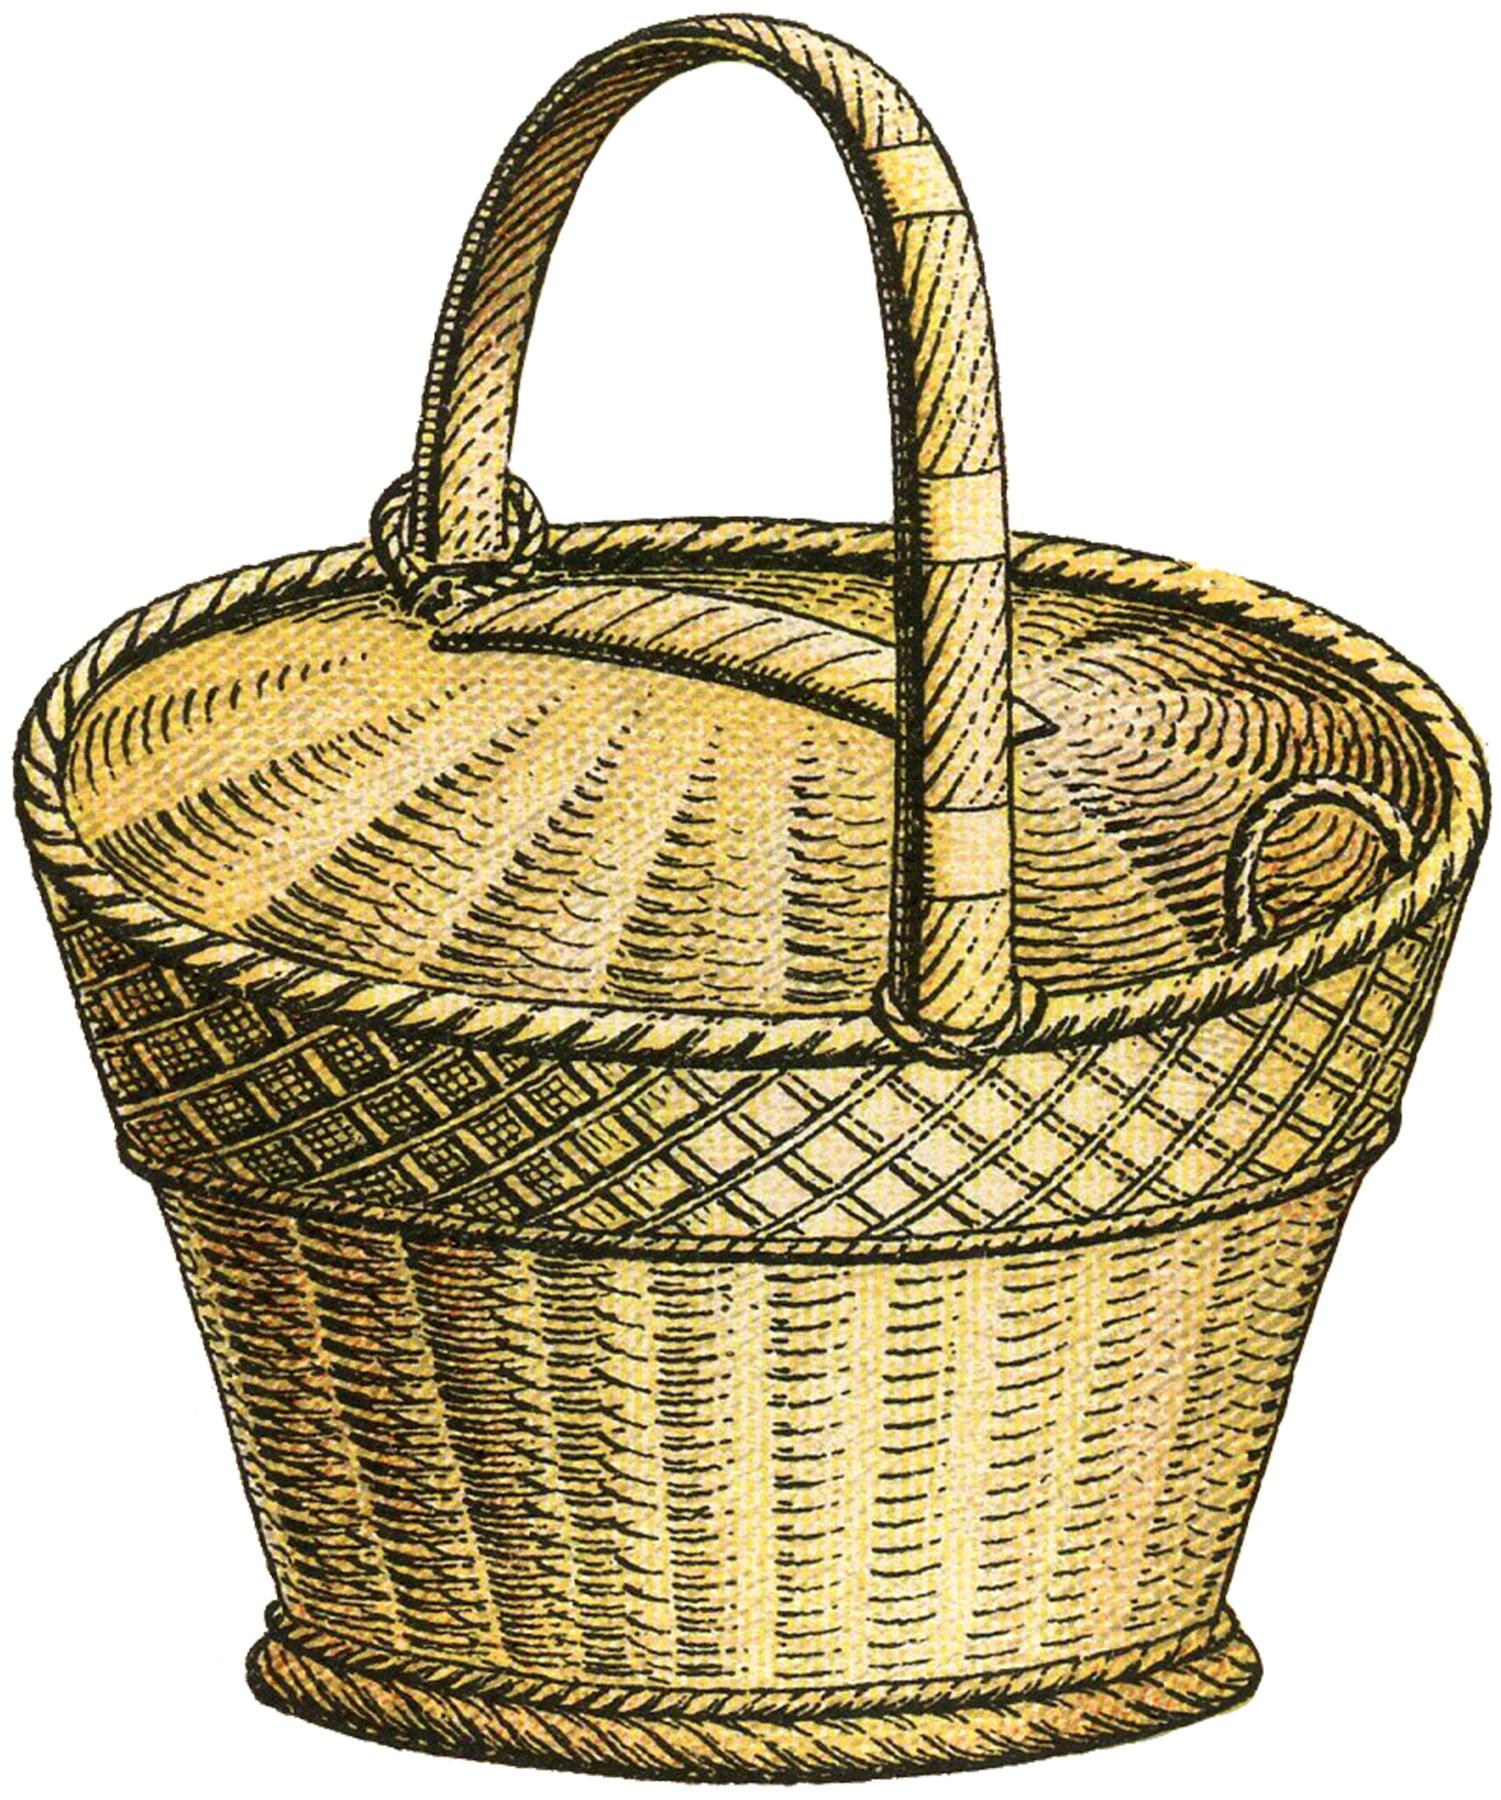 Picnic basket clip art tumundografico wikiclipart 2